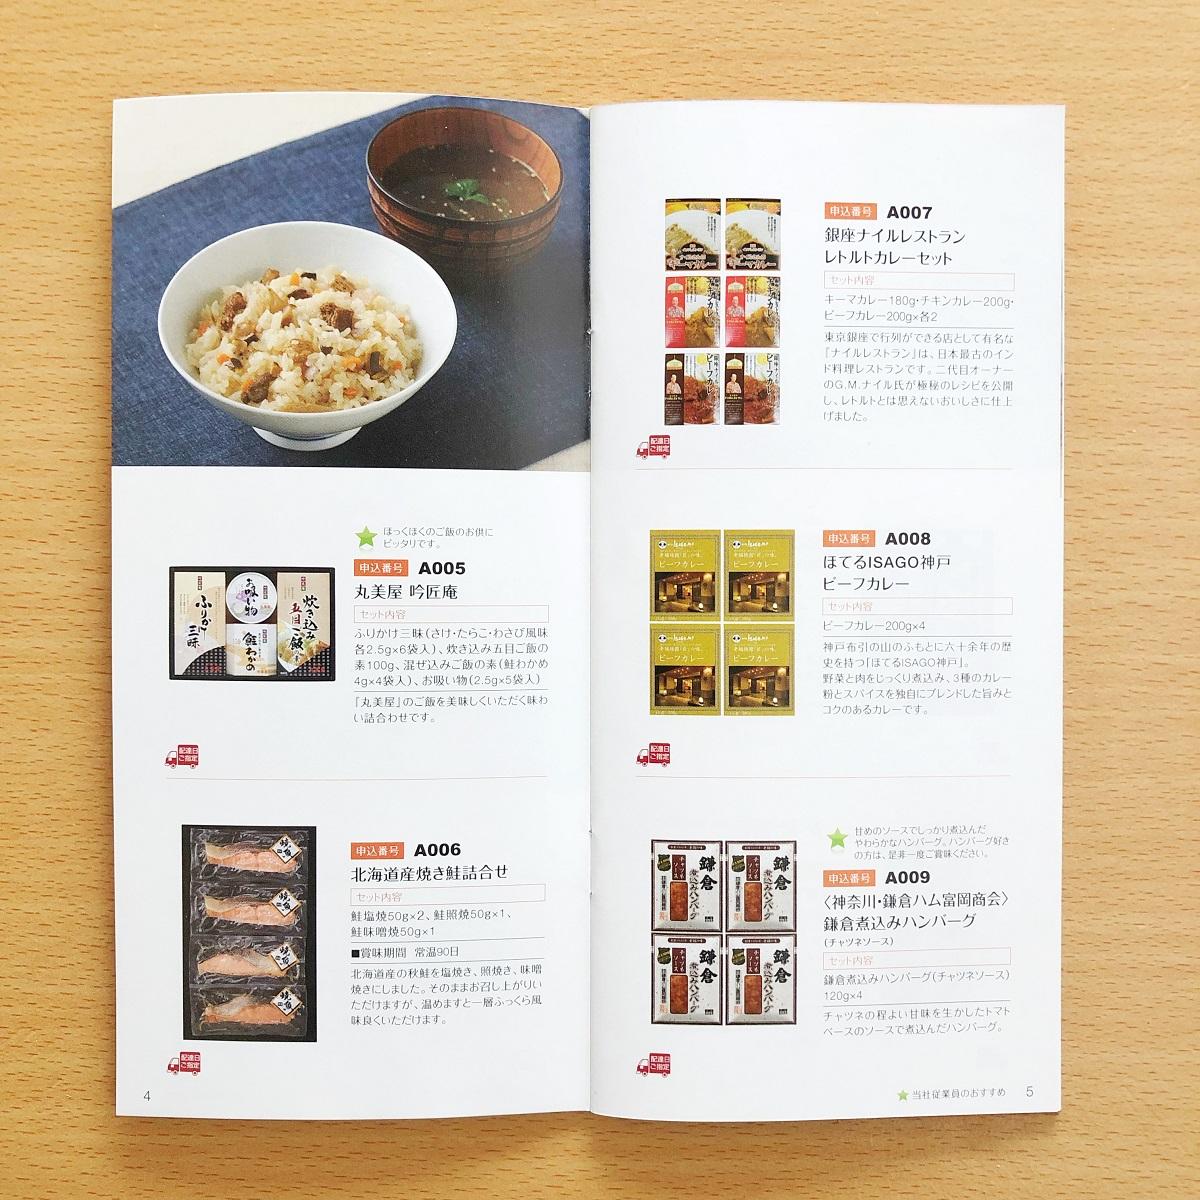 日本管財カタログ② 株主優待 2019年9月 2,000円